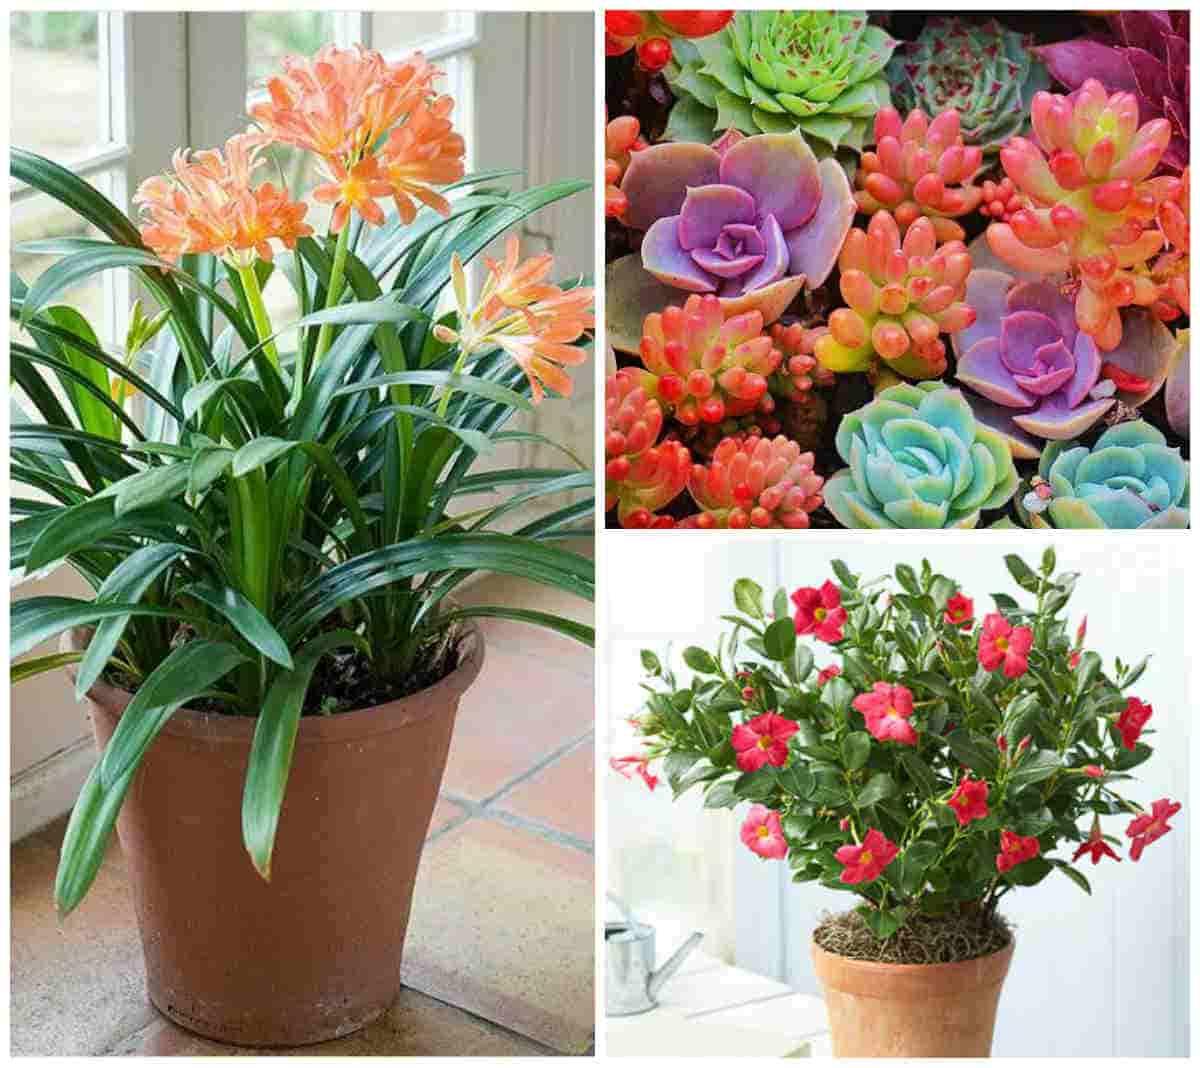 neprihotlivye-komnatnye-cvety-foto-i-nazvanija